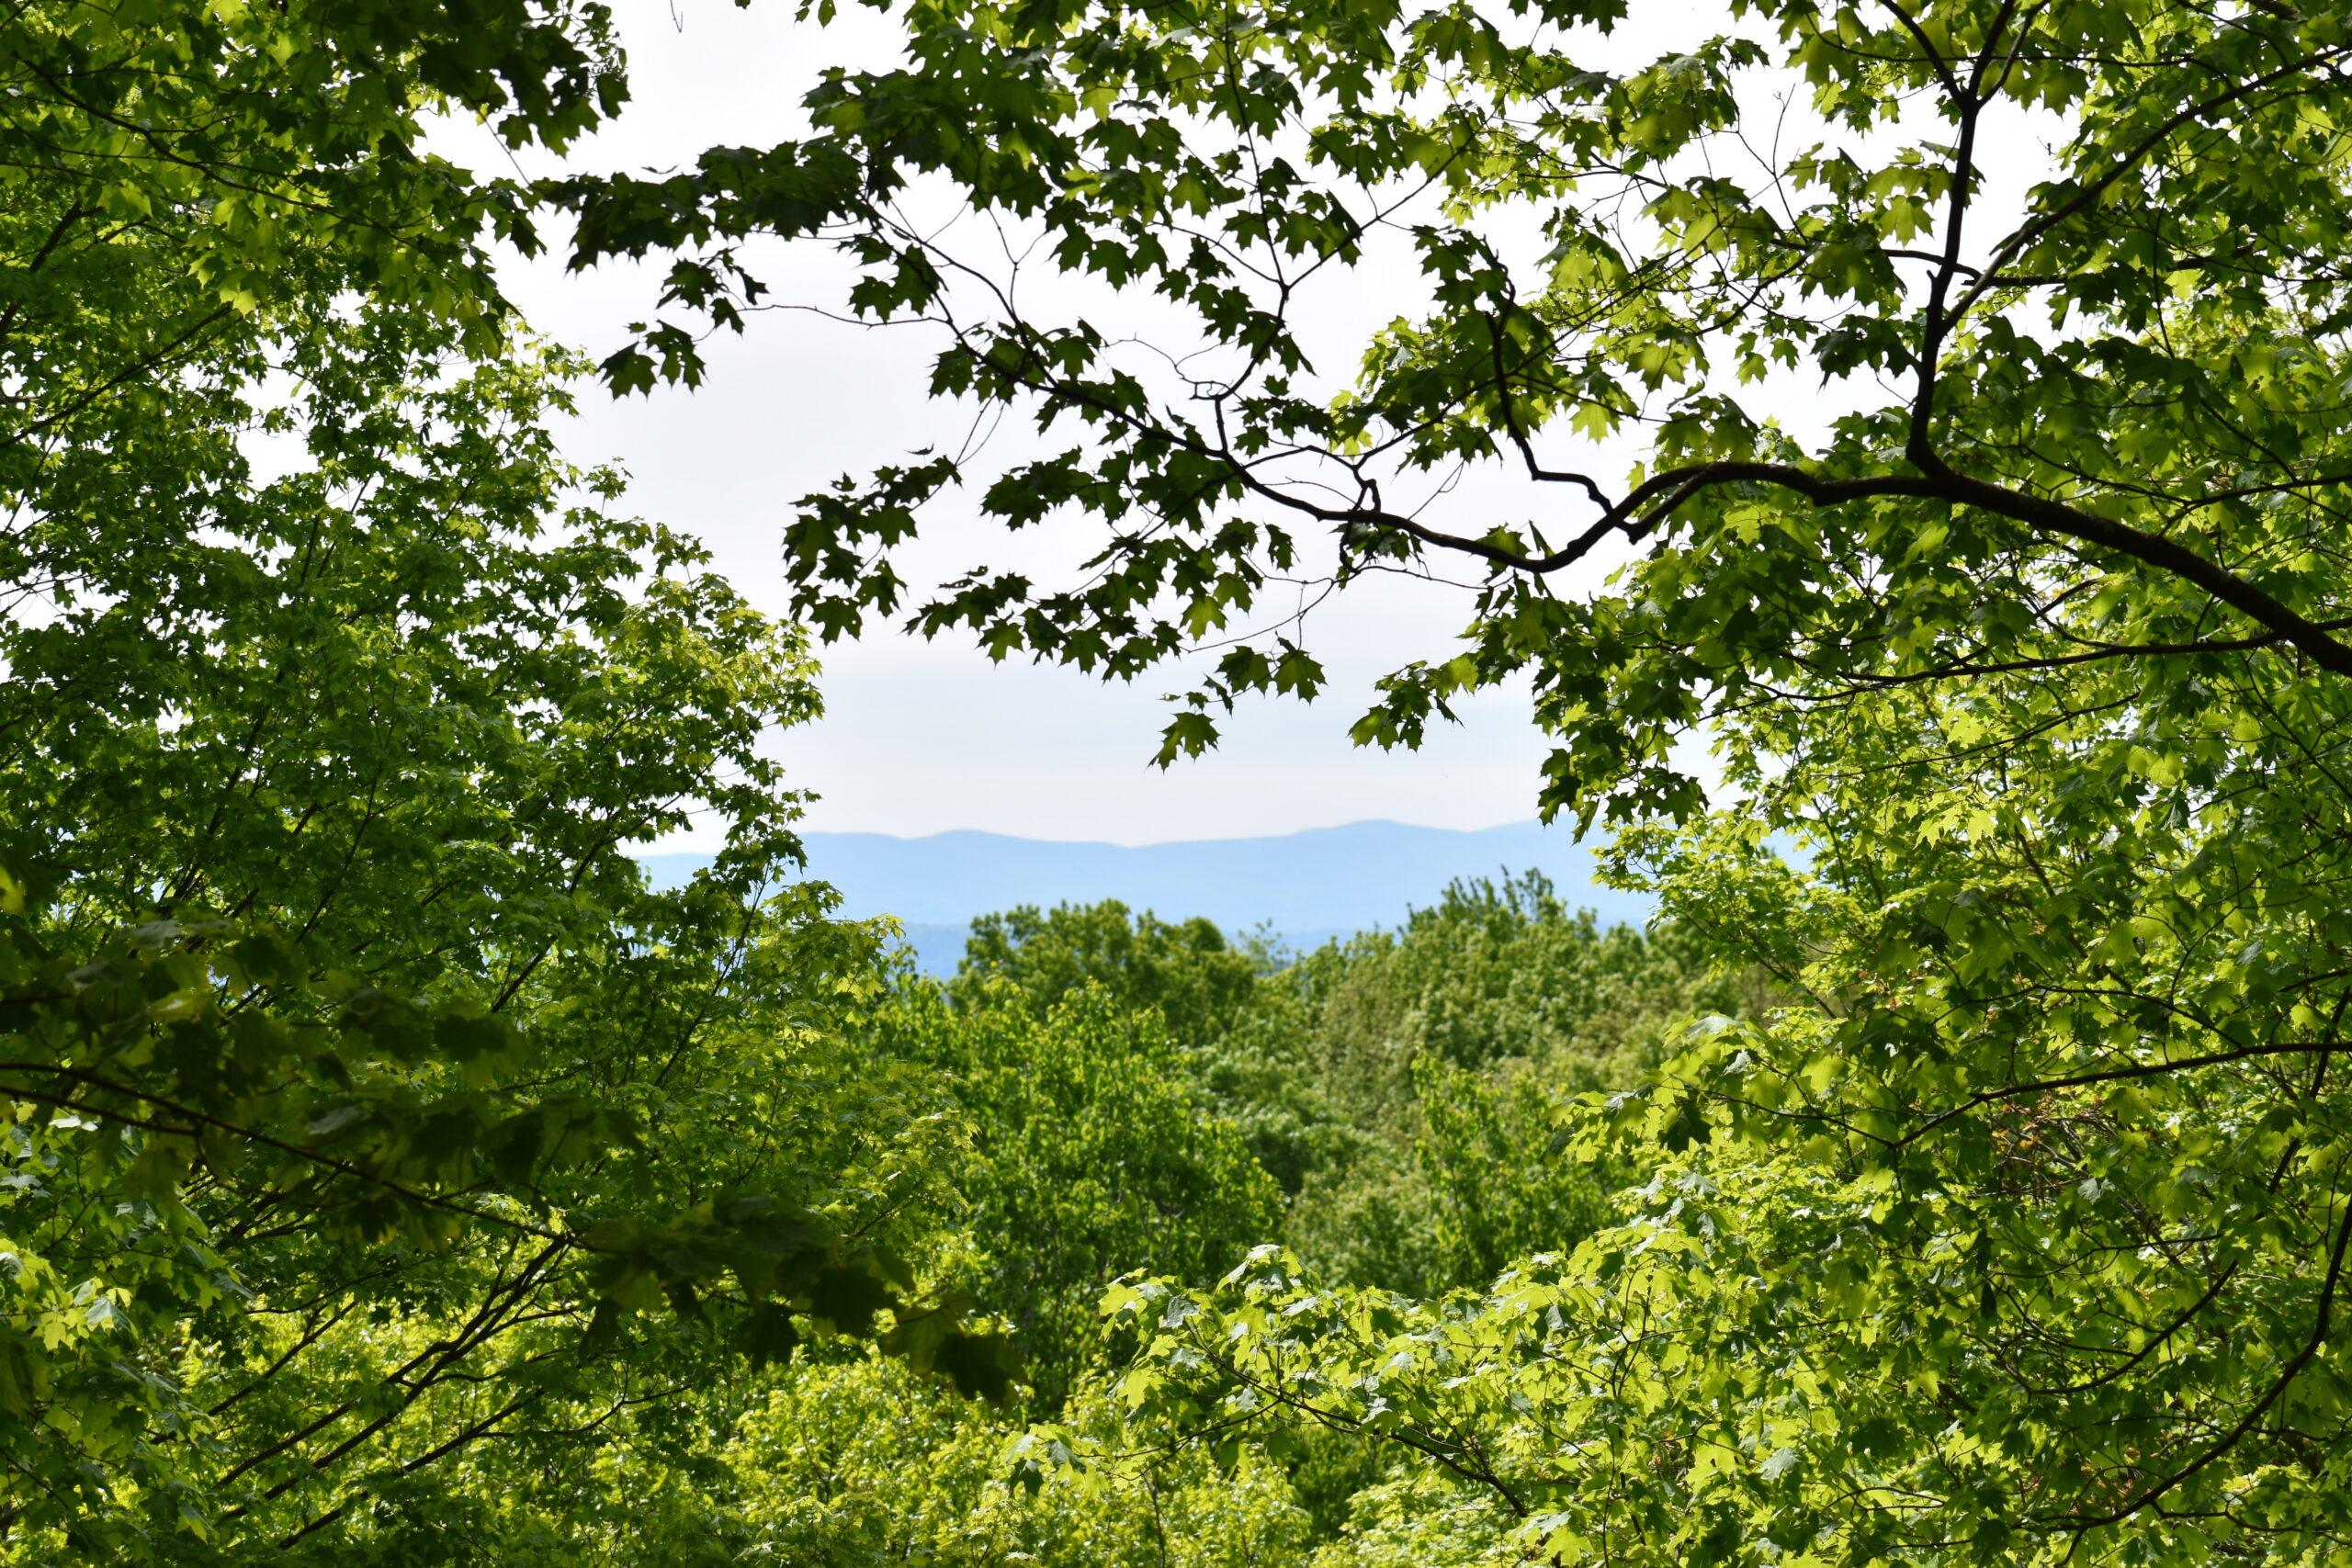 Columbia Land Conservancy